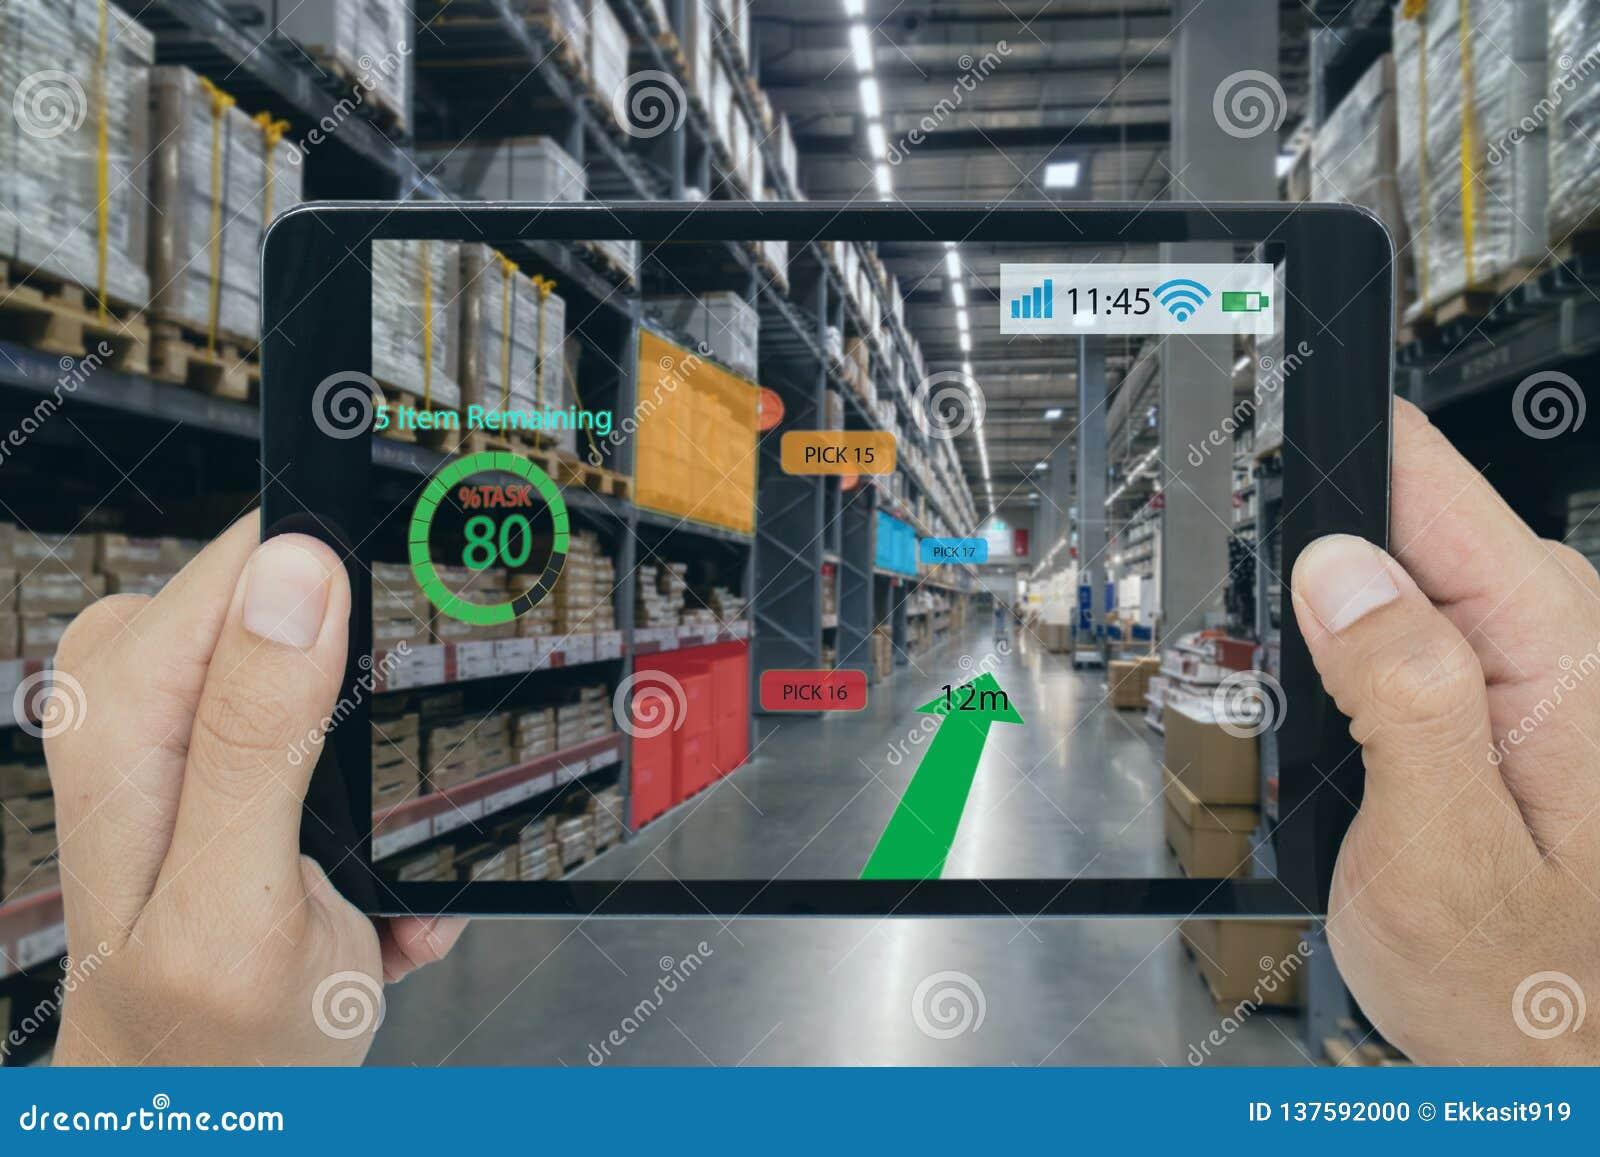 Het slimme kleinhandelsconcept, a-klant kan controleren welke gegevens van inzicht in real time in plankenstatus dat over een tab